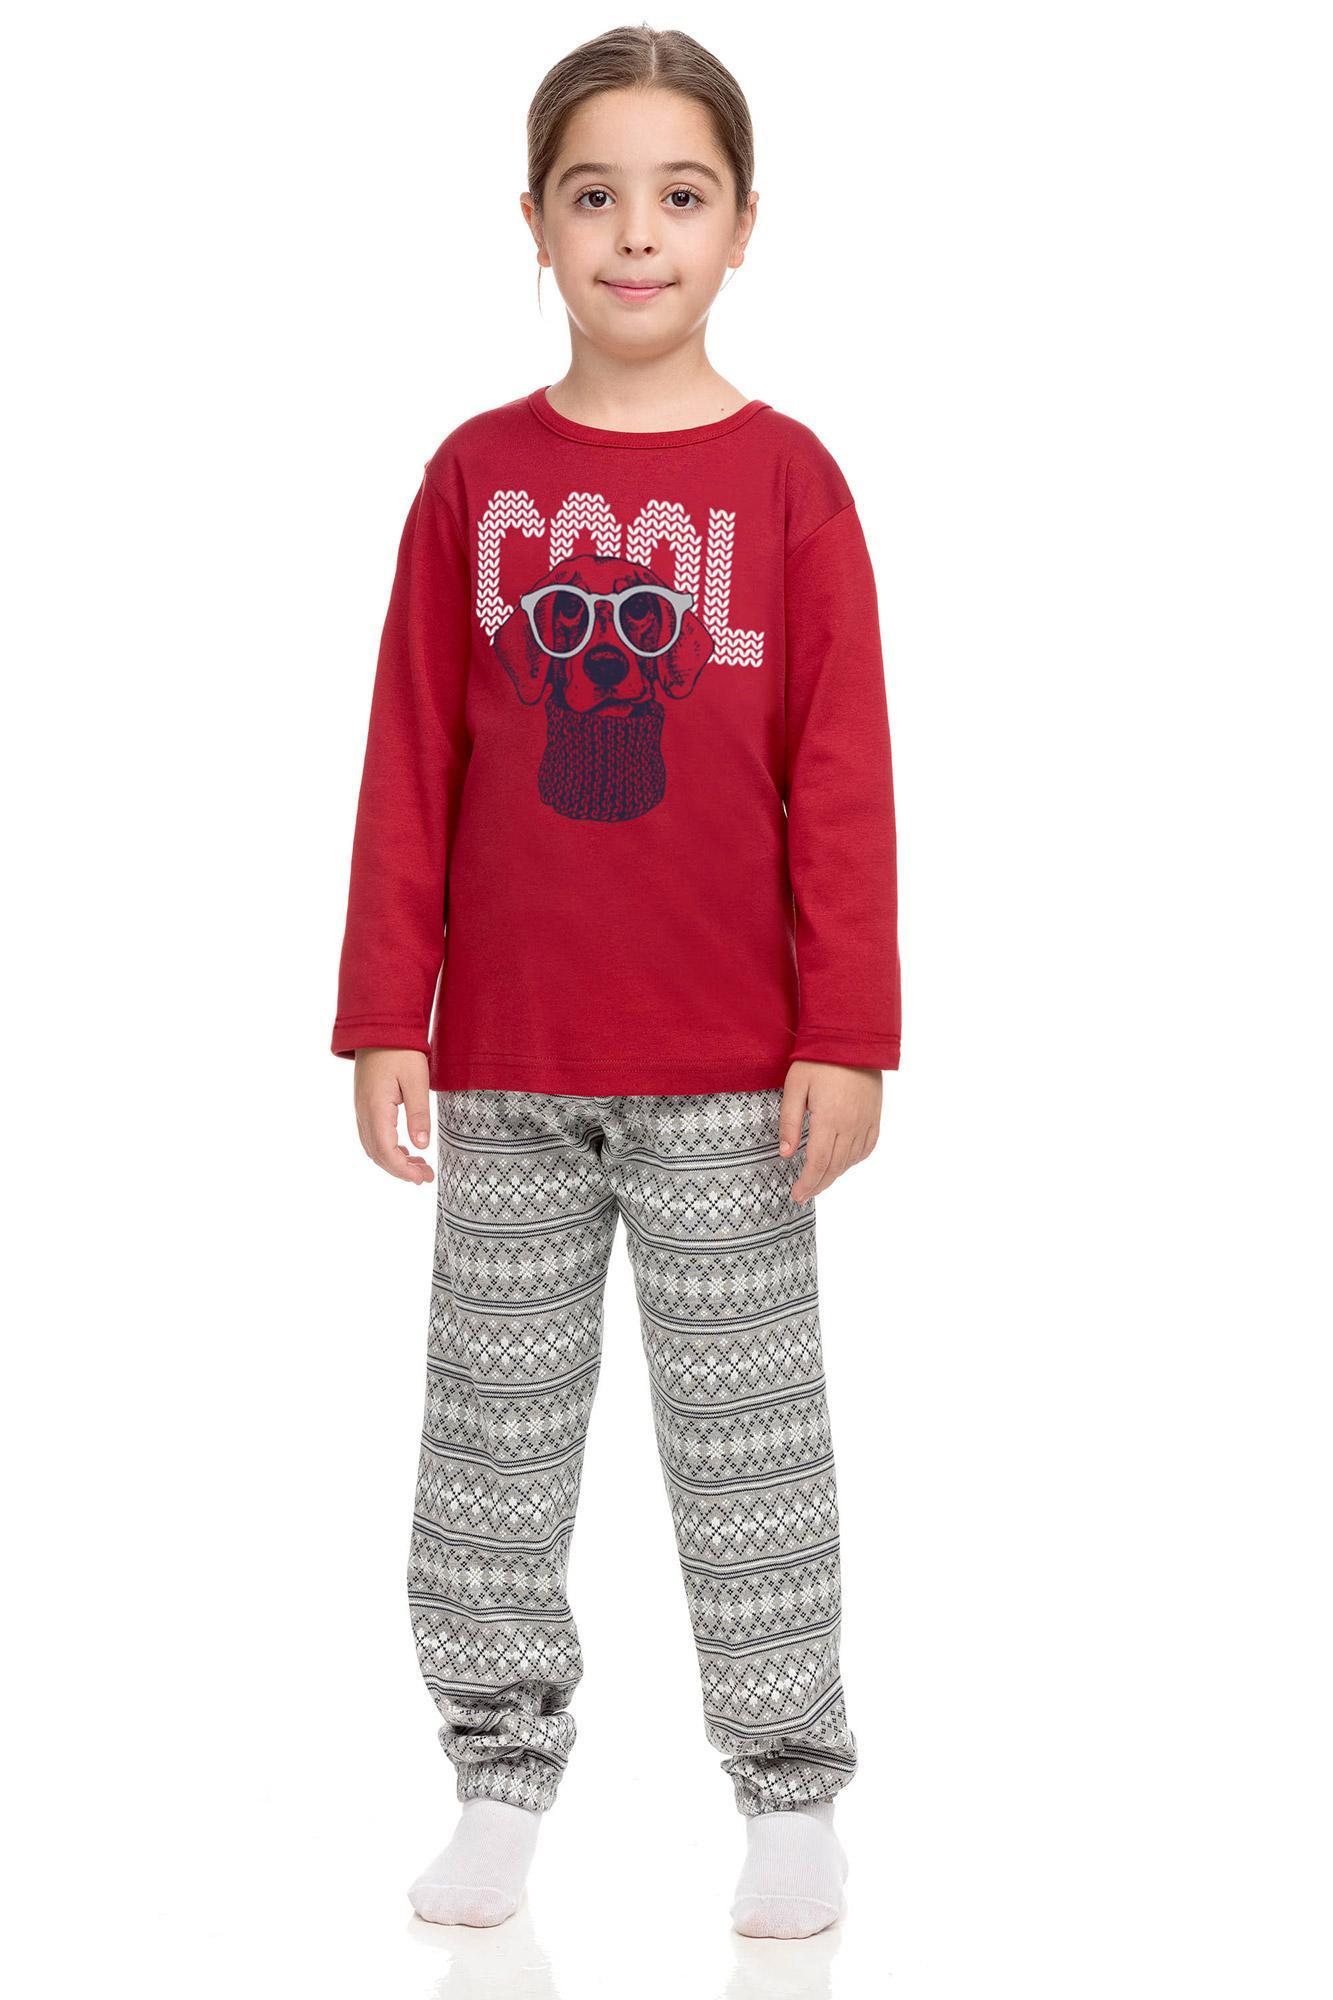 Vamp - Pohodlné dětské pyžamo RED FLAME XL 15680 - Vamp